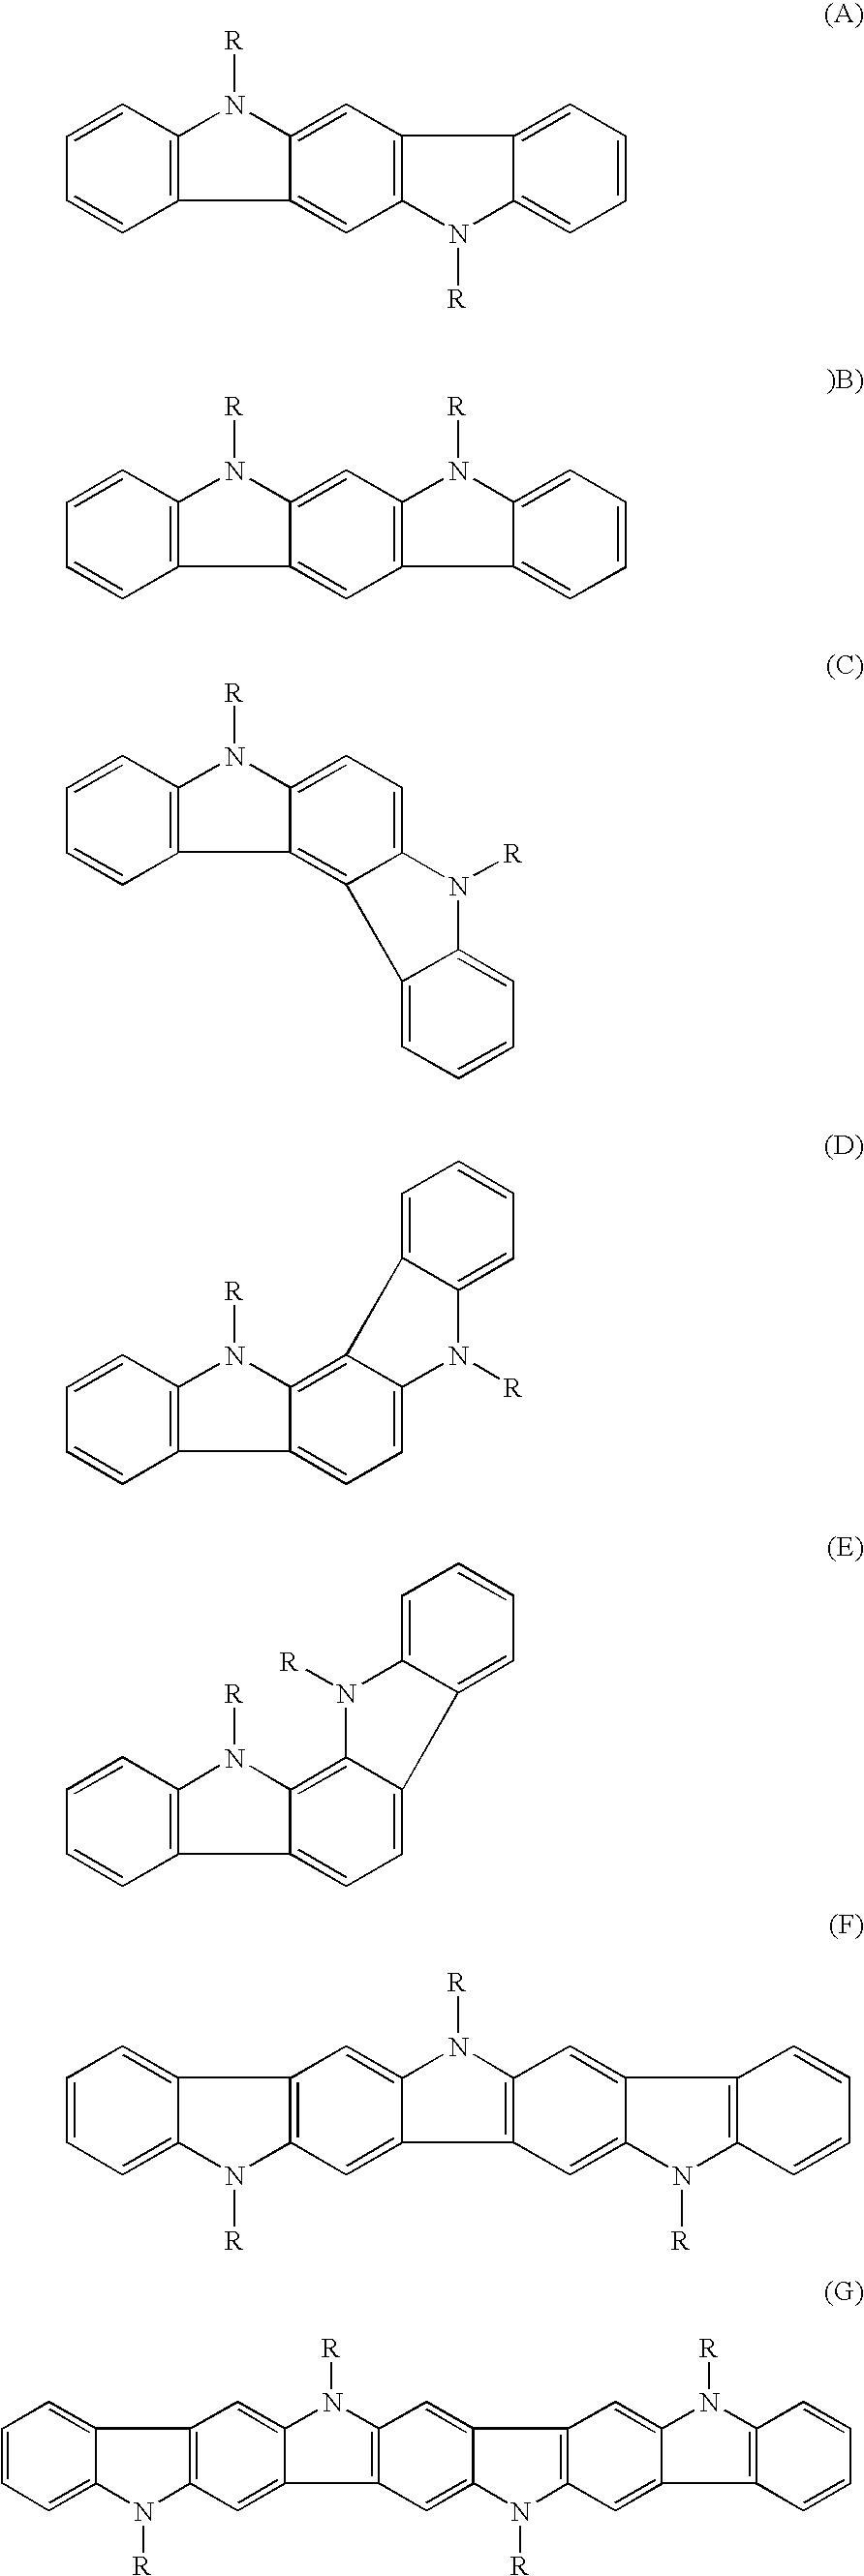 Figure US07456424-20081125-C00001